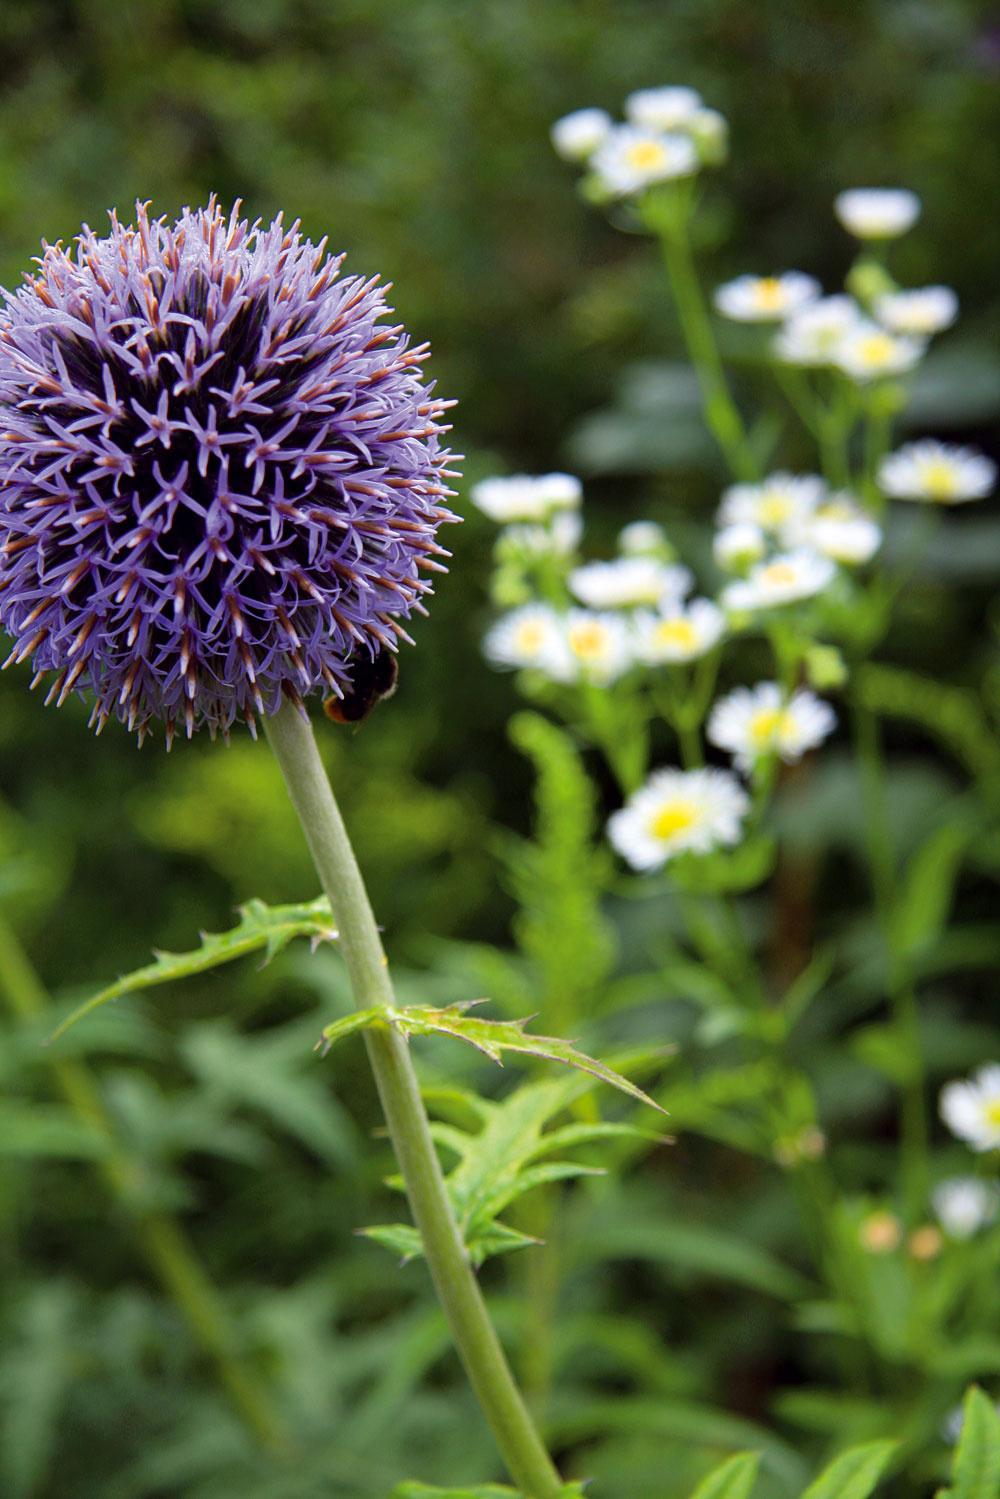 Rastlina mesiaca: Dynamické ježibaby  Chcete si záhradu ozvláštniť niečím netradičným avniesť do nej trochu napätia? Tak potom si do kvetinového záhona vysaďte majestátnu ježibabu (Echinops banaticus). Táto nenáročná trvalka má vlete nádherné modré guľovité súkvetia aefektné sú aj jej pichľavé členité listy. Výborne sa hodí do mestských aj vidieckych záhrad, krásna je tiež vštrkových záhonoch. Znesie sucho islnko aneprekáža jej ani na živiny chudobná pôda. Pomerne rýchlo rastie arok čo rok bohatšie kvitne, len jej treba nechať dostatok priestoru. Ak si chcete vysadiť aj ďalšie pichľavé krásky, rozhodne si vyberte niektorý zkotúčov (Eryngium). Ich oceľovomodré súkvetia sú oproti ježovitým kvetom ježibaby trochu jemnejšie aodkvitnuté vydržia na rastline až do zimy. Tiež sú pestovateľsky nenáročné, tvarom sú skôr nižšie akompaktnejšie.